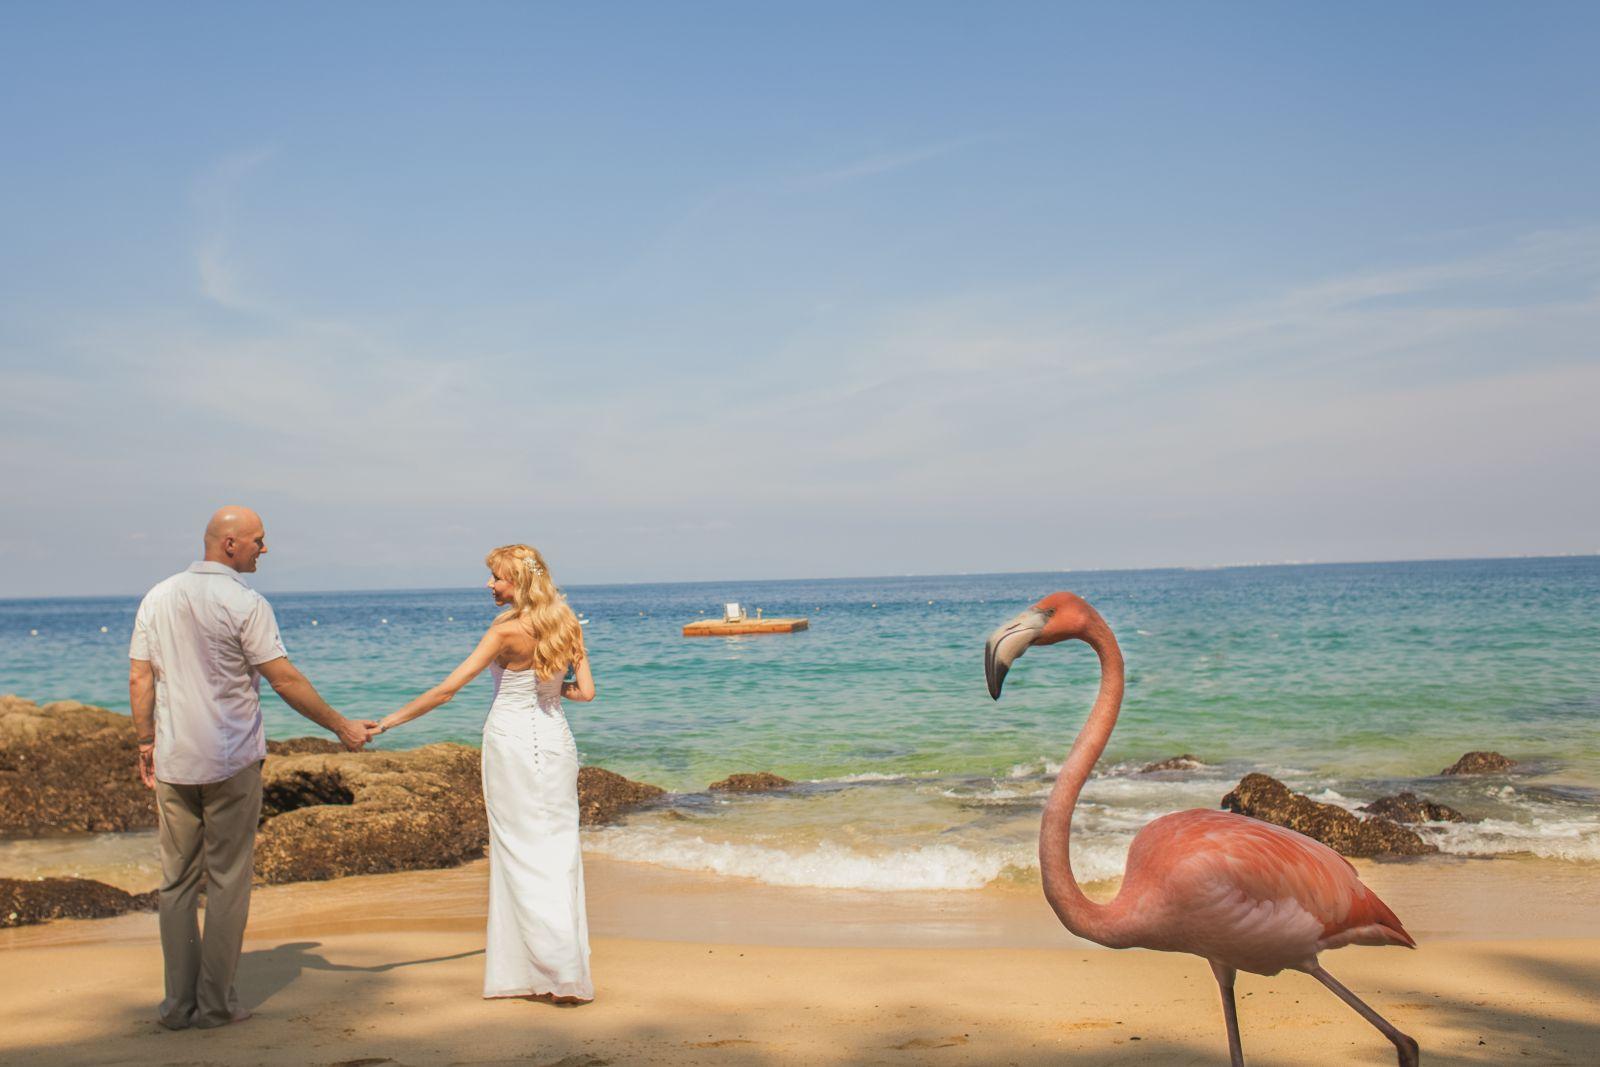 beach wedding at Las Caletas- Puerto Vallarta Mex.